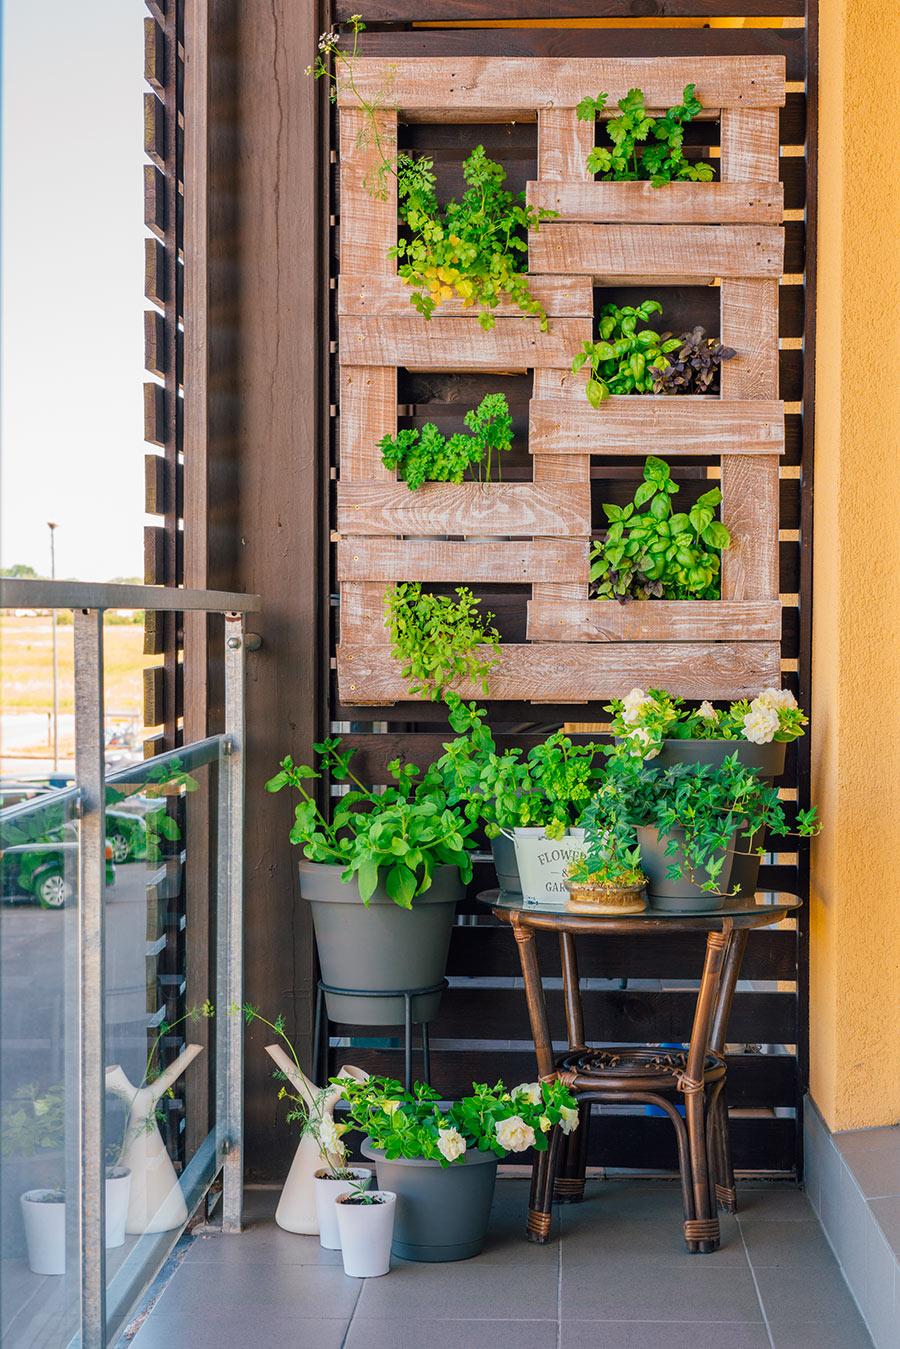 jardin vertical sur le balcon avec plantes aromatiques.